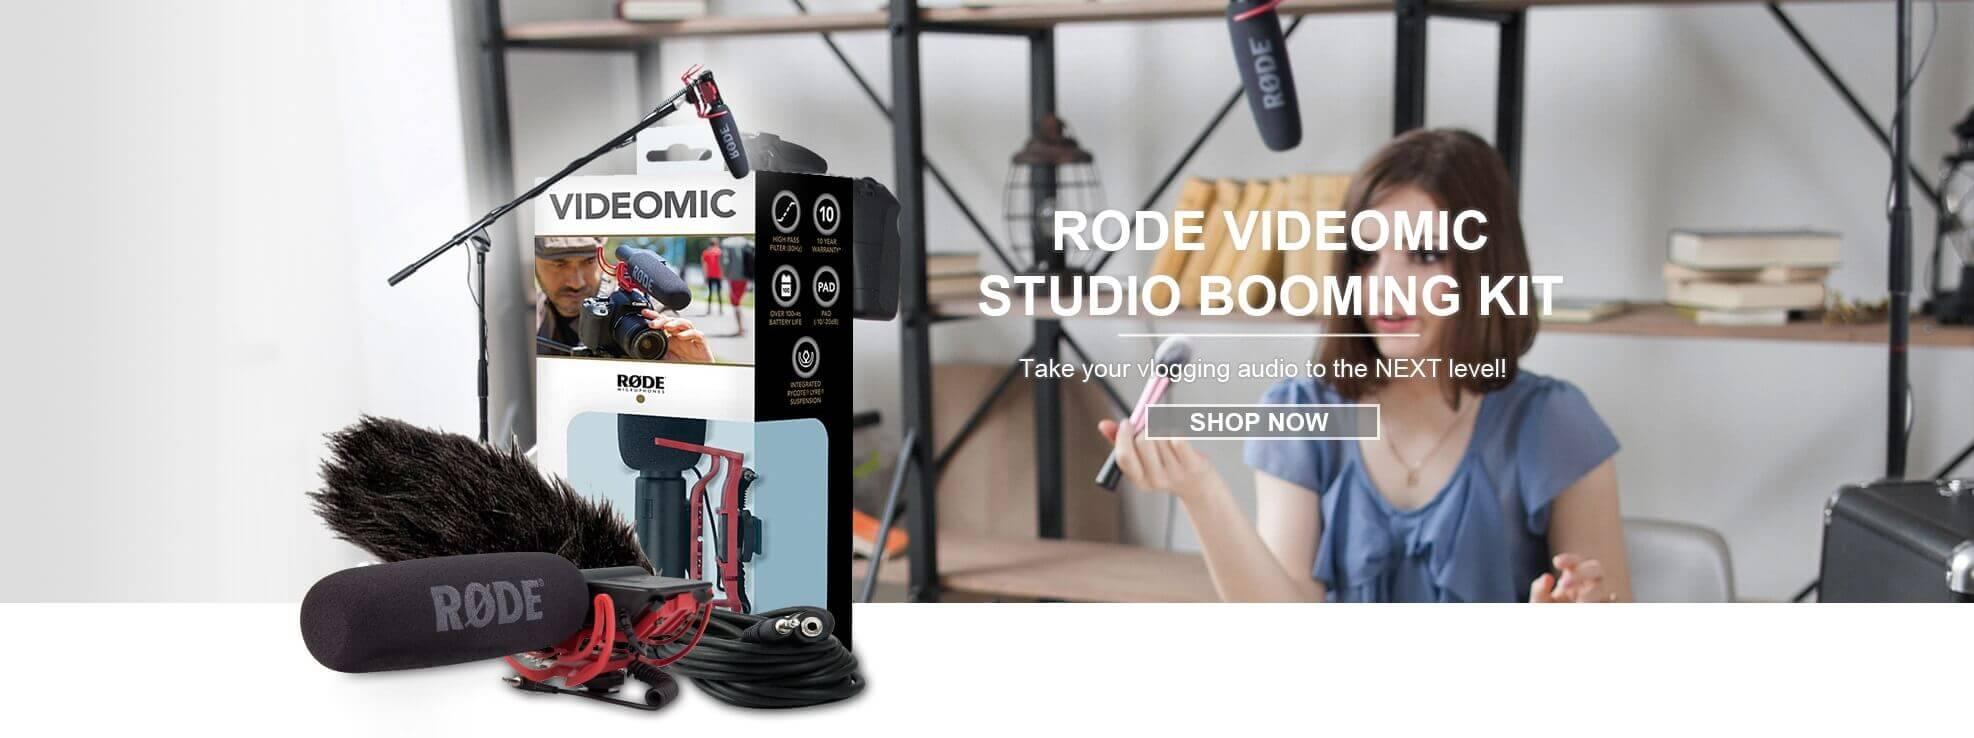 Rode VideoMic Studio Booming Kit